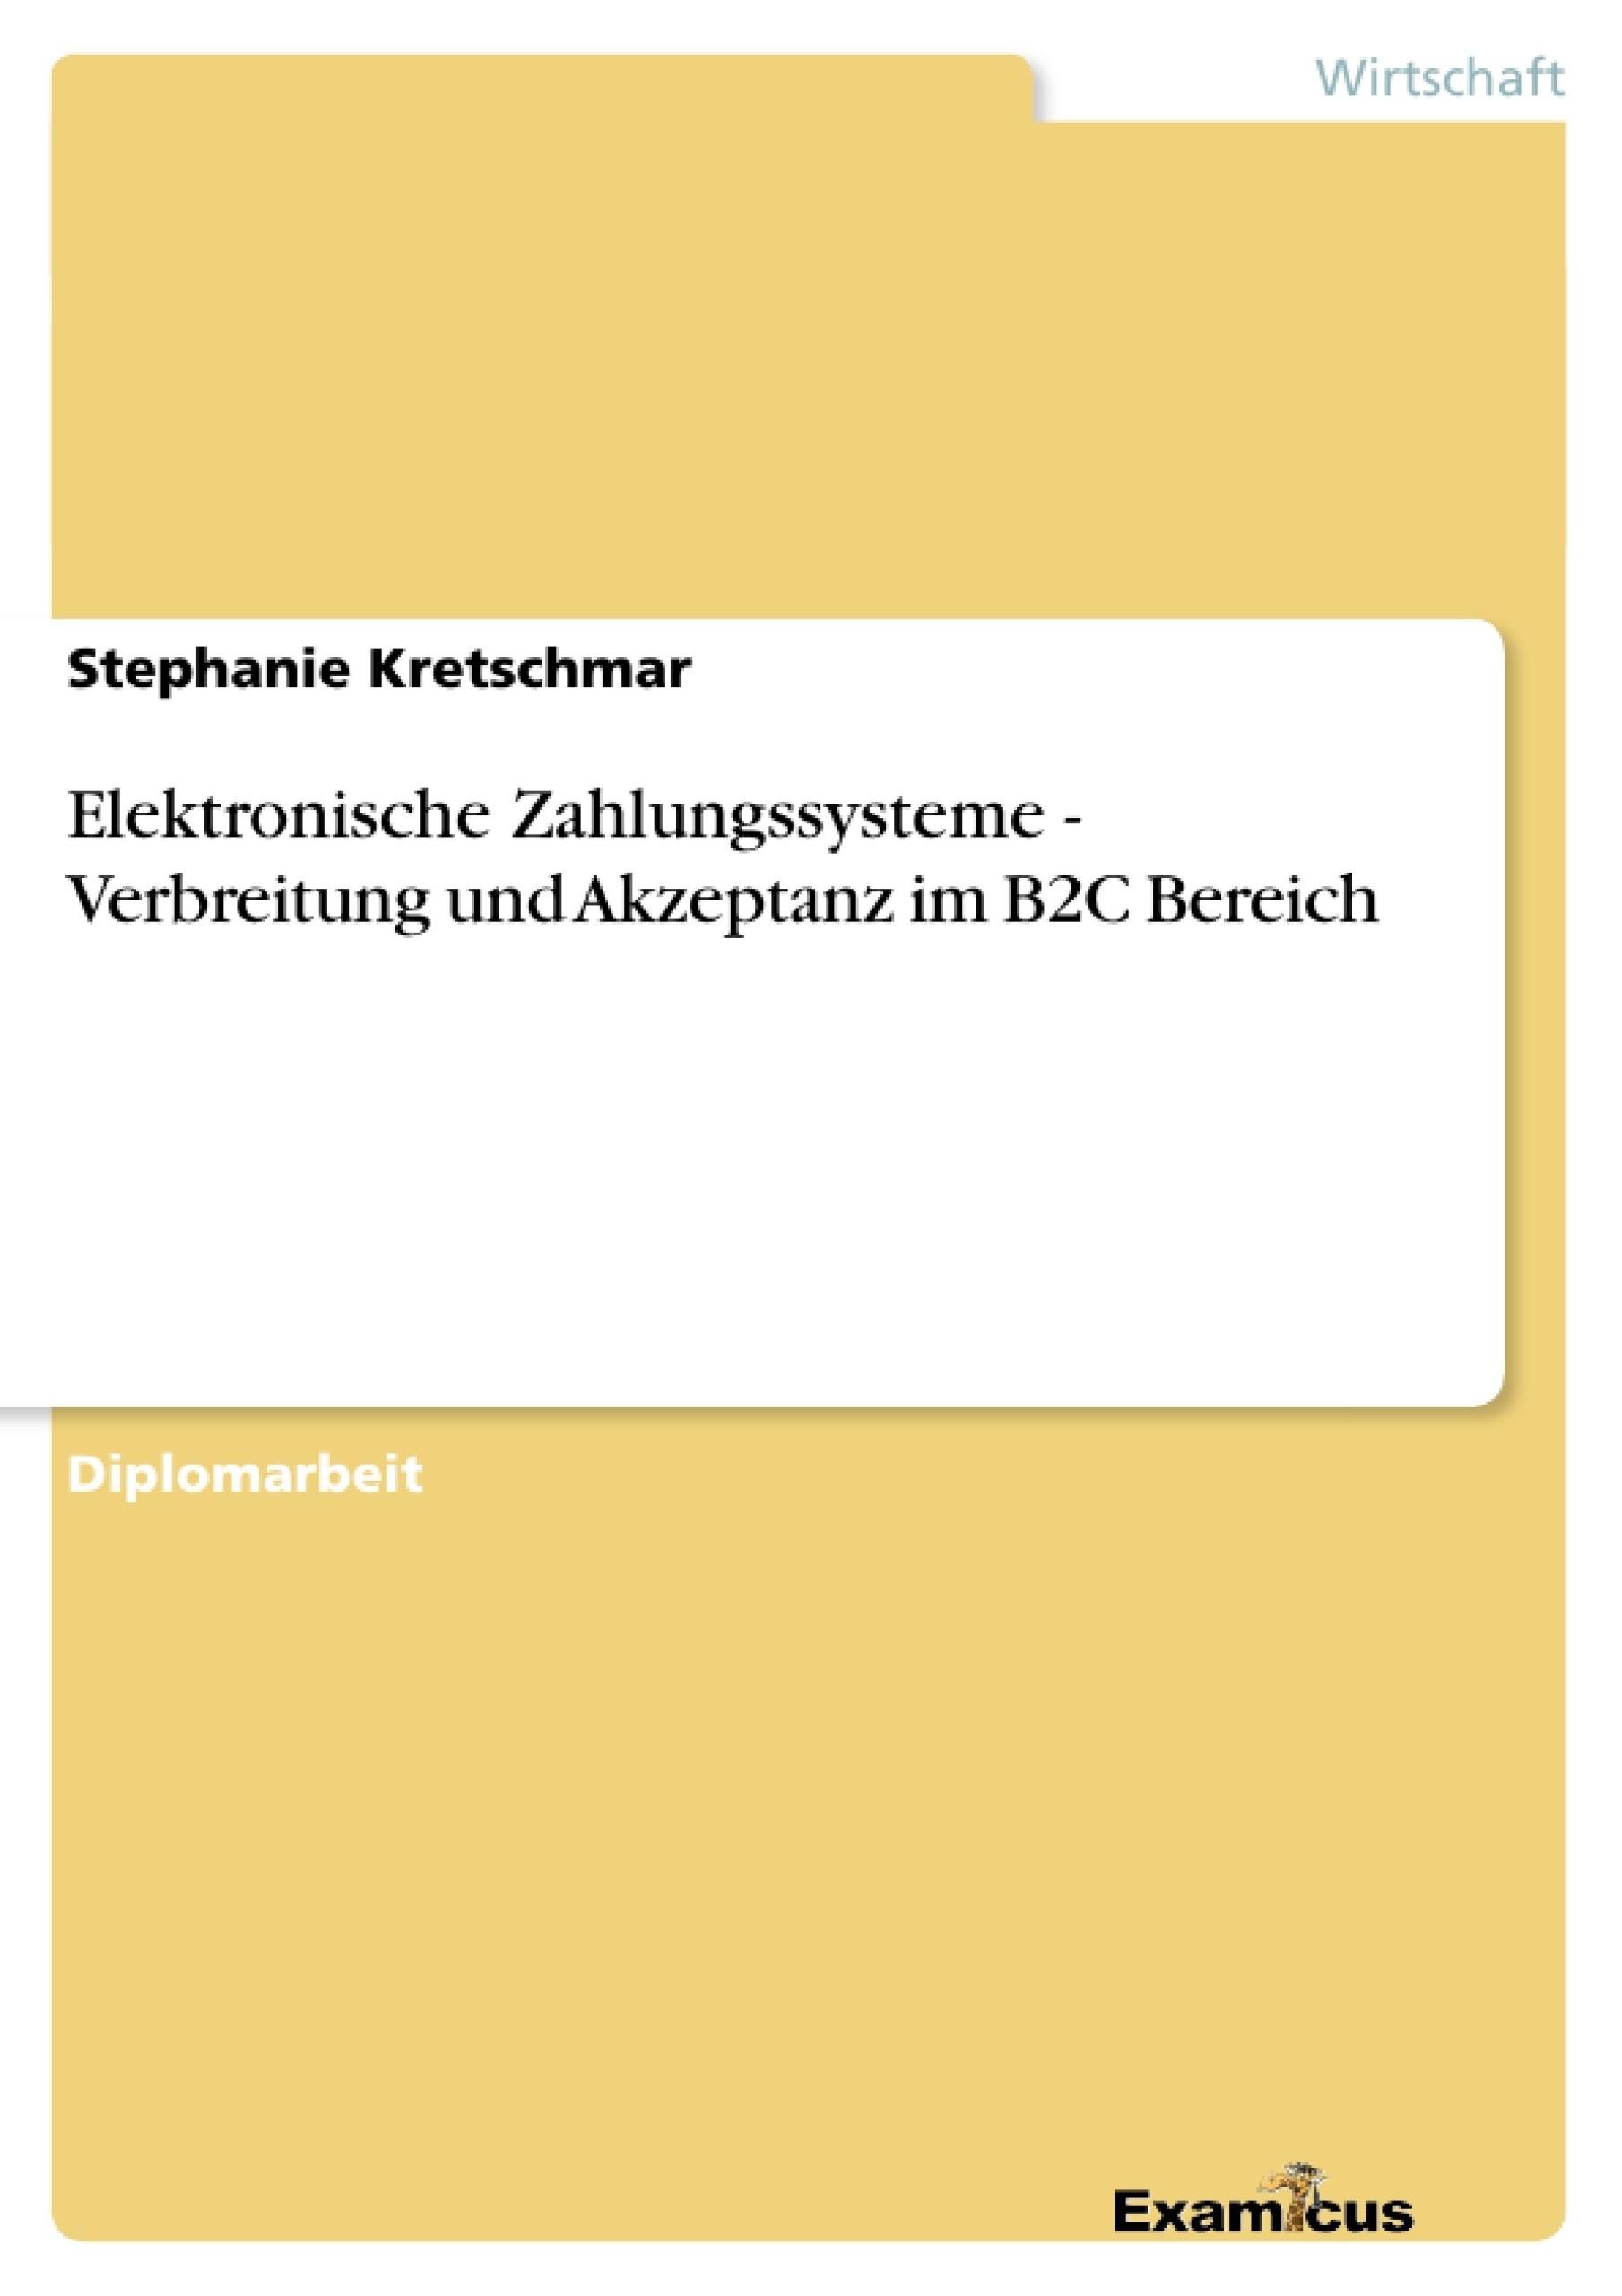 Titel: Elektronische Zahlungssysteme - Verbreitung und Akzeptanz im B2C Bereich